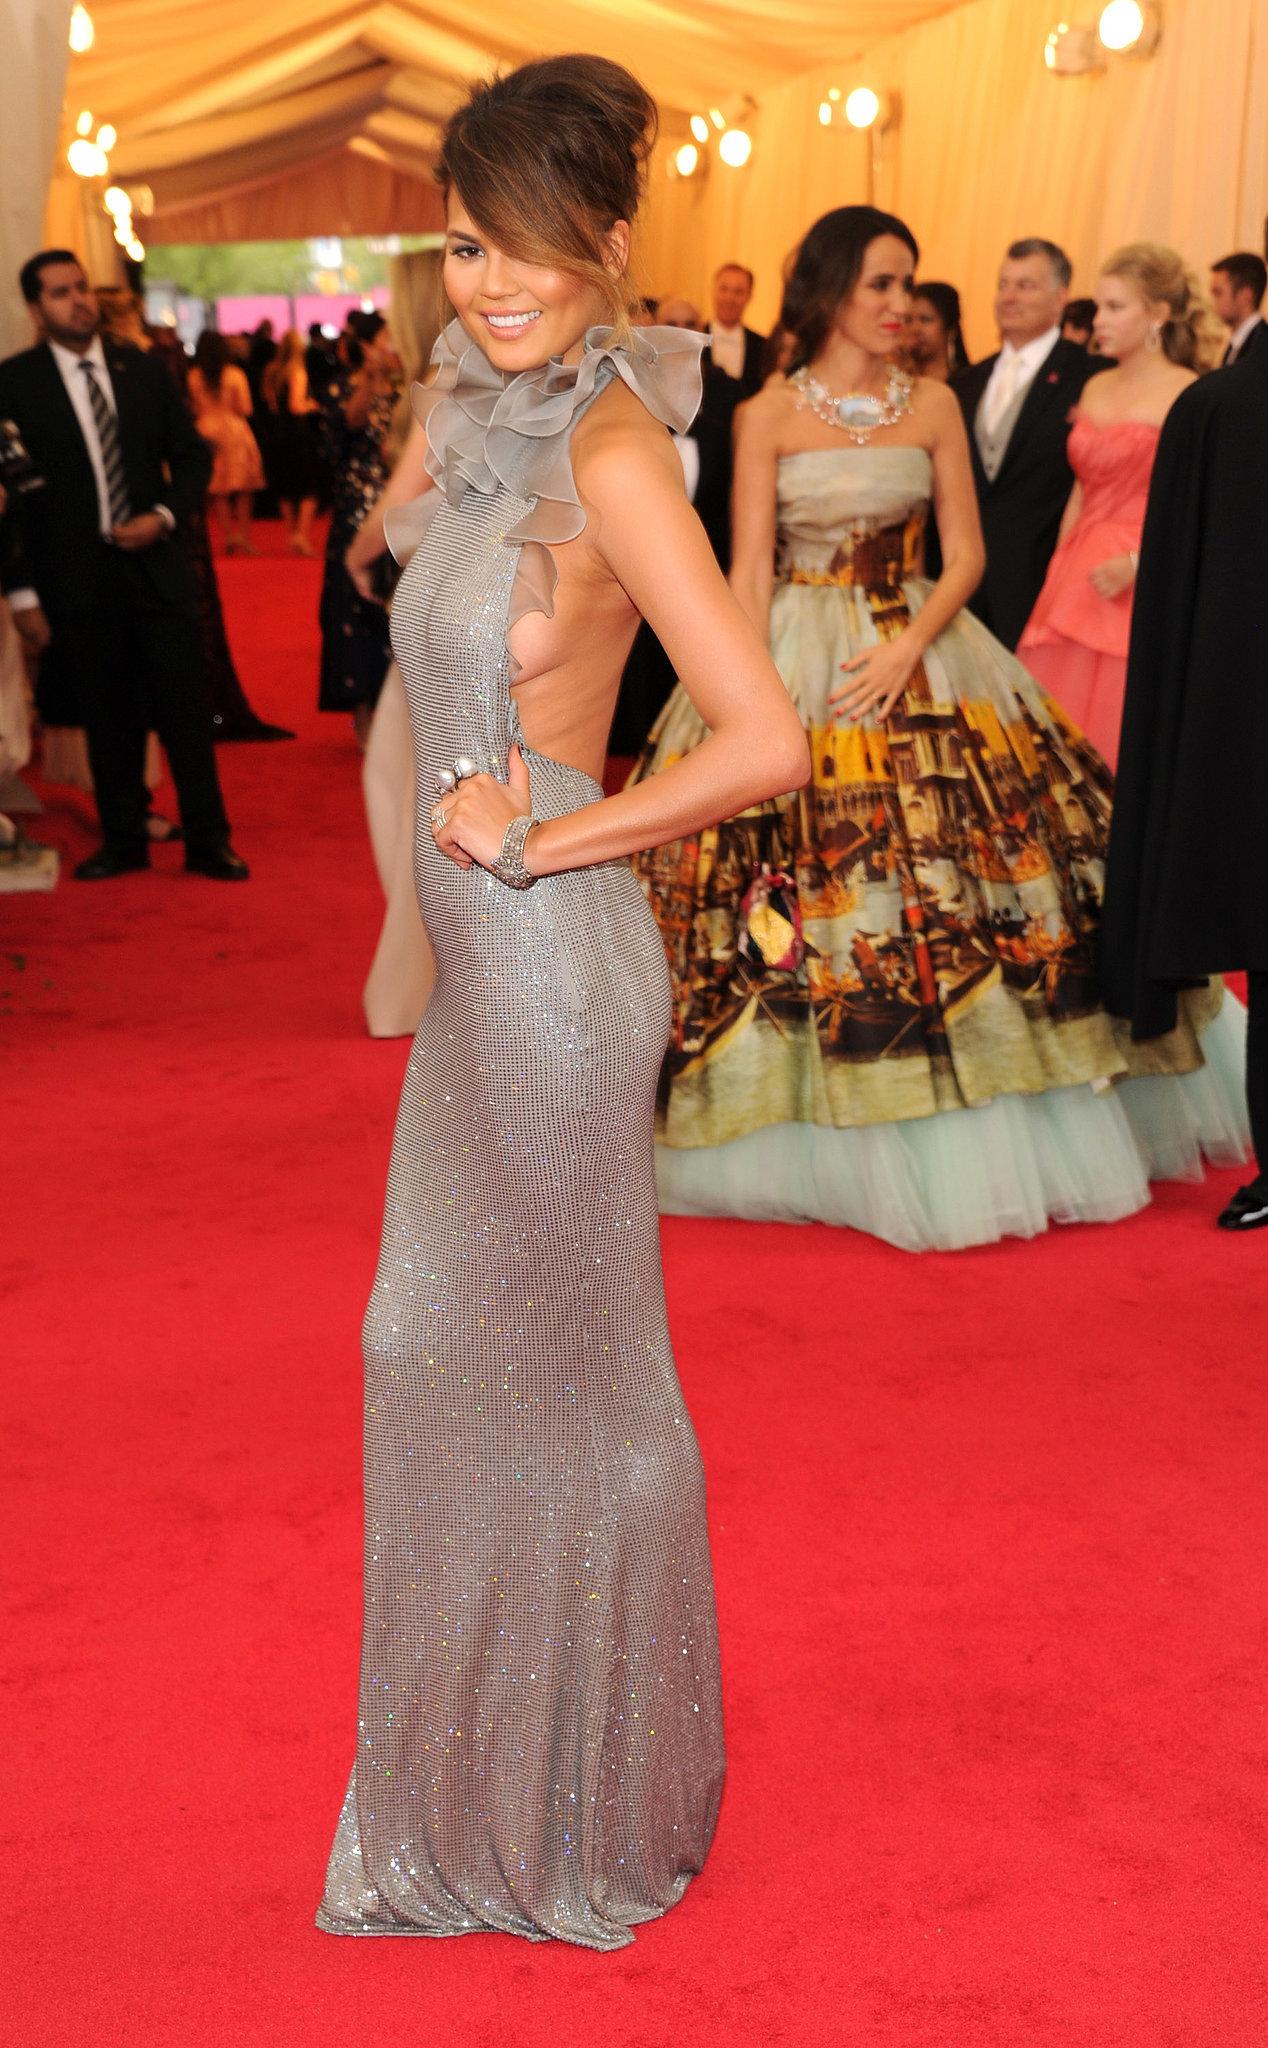 Chrissy Teigen Is Serving Up Skin at the Met Gala